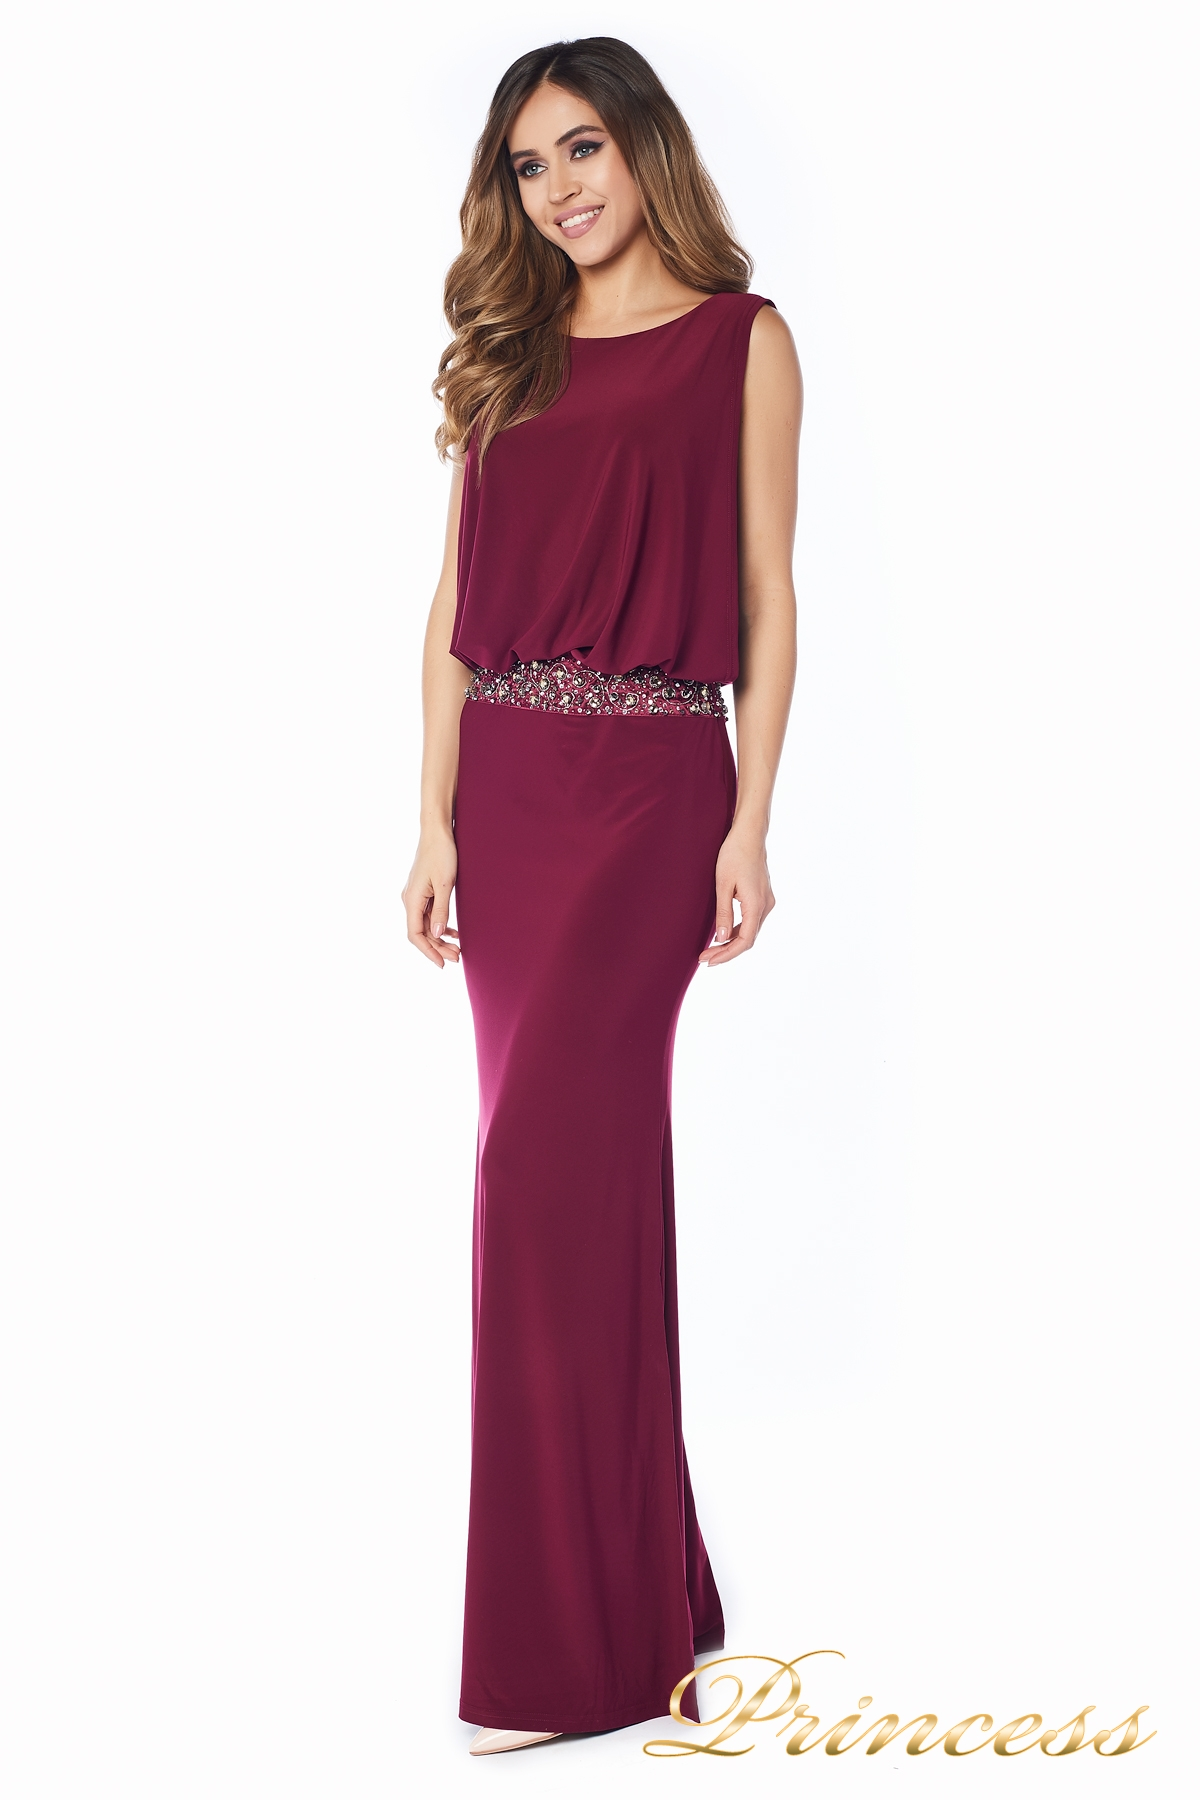 dd1d600a4e1 Купить вечернее платье 1144 marsala красного цвета по цене 39500 руб ...